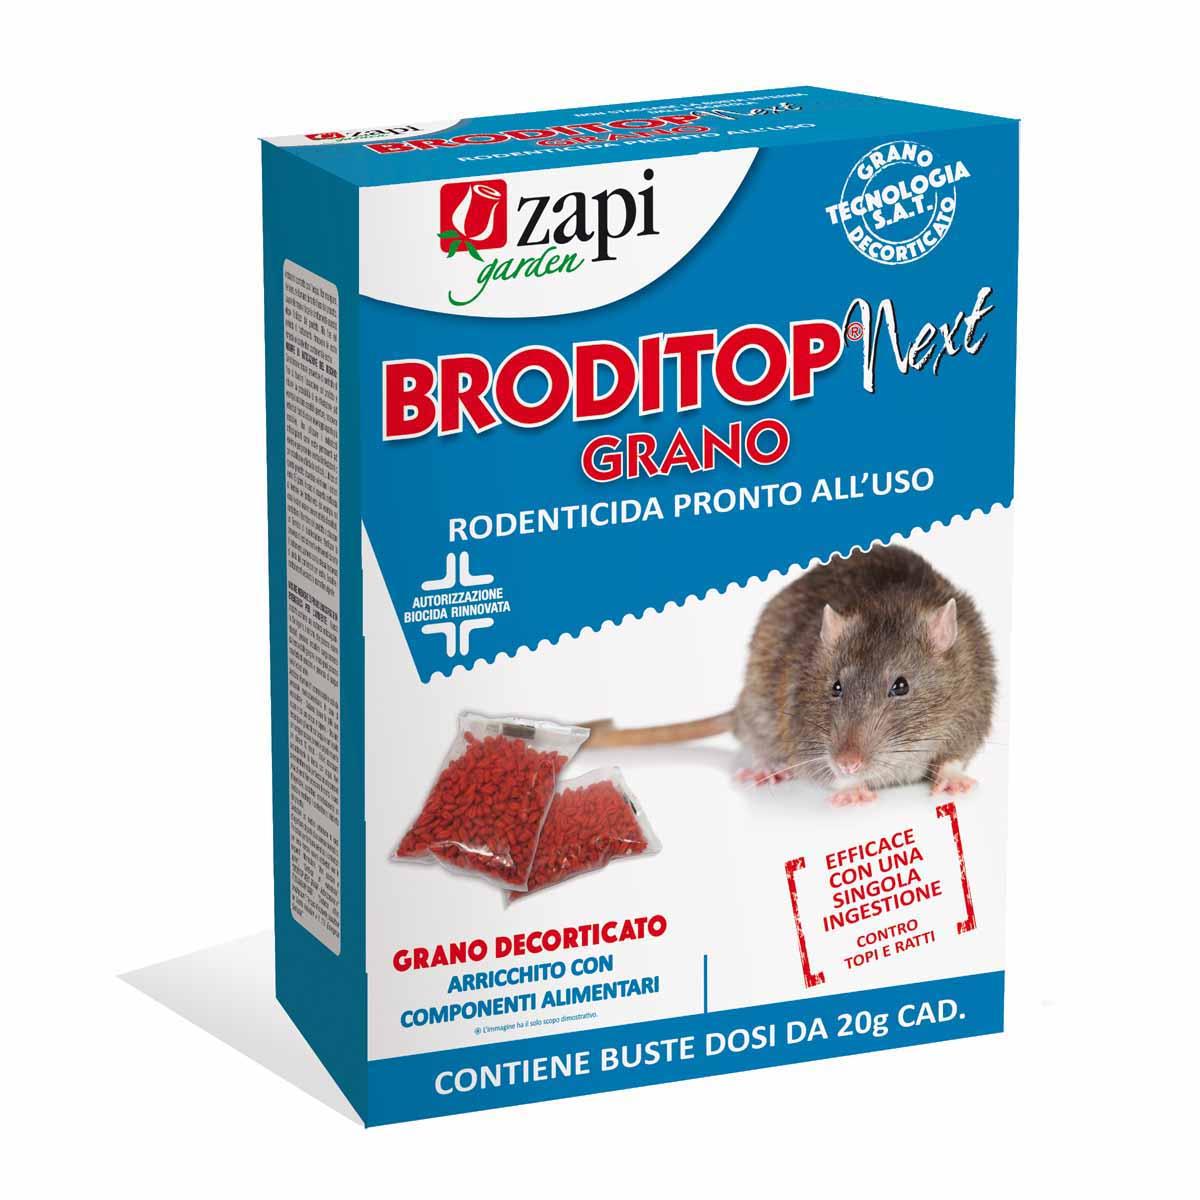 Zapi Topicida Broditop Next Grano150g